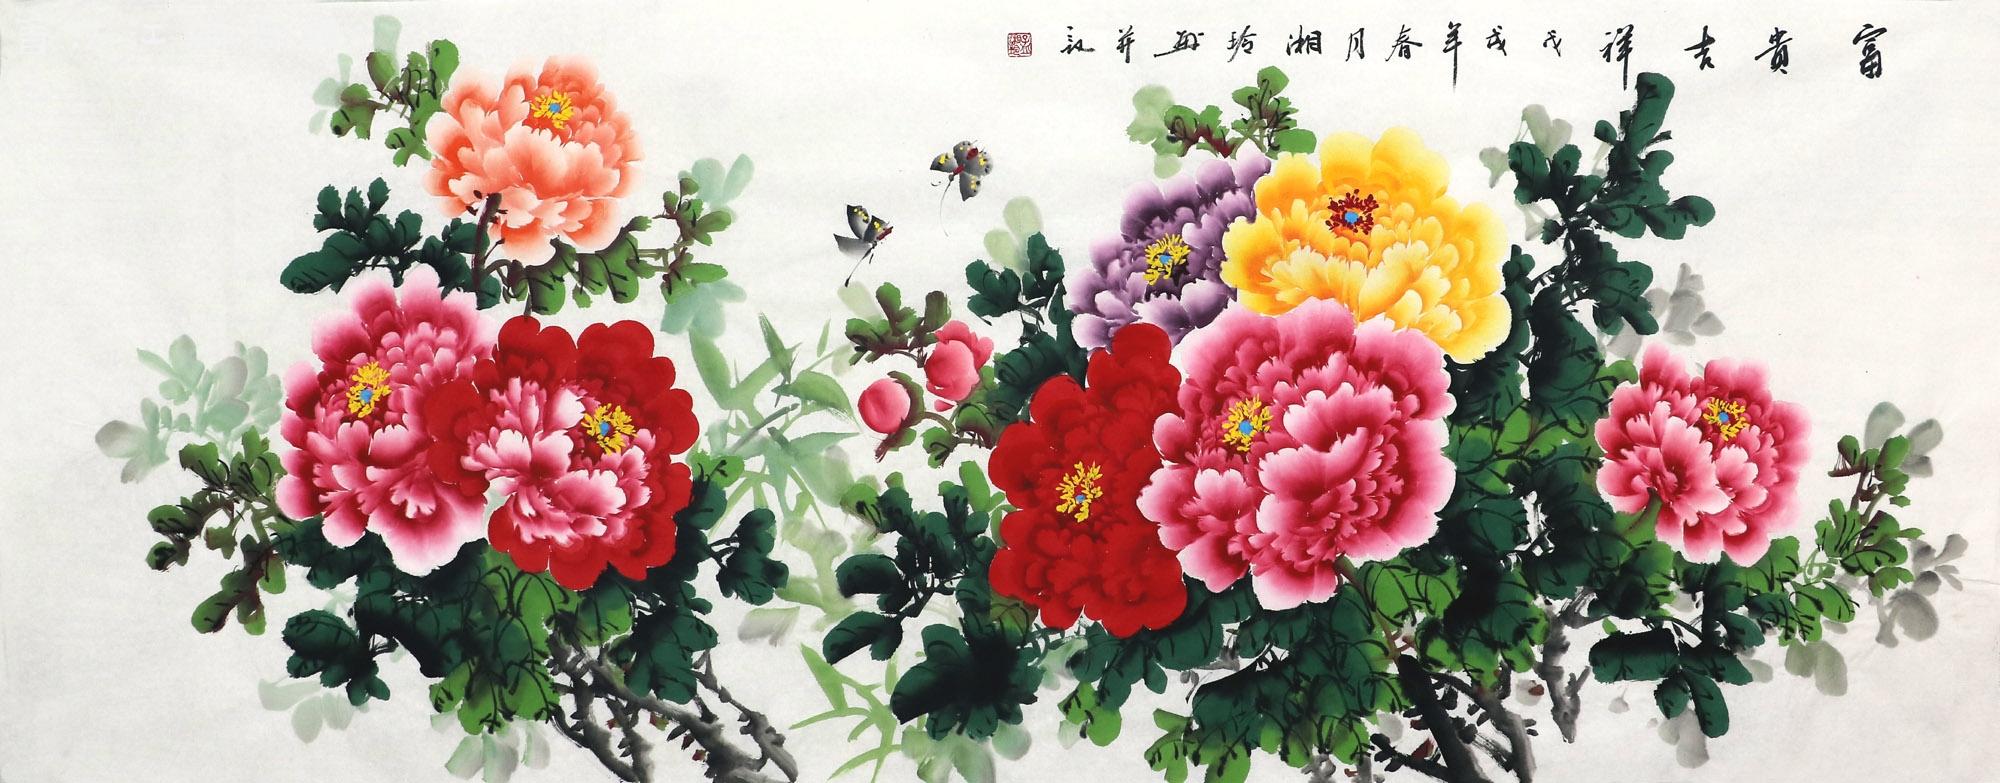 孟湘玲·小六尺富贵牡丹05.jpg